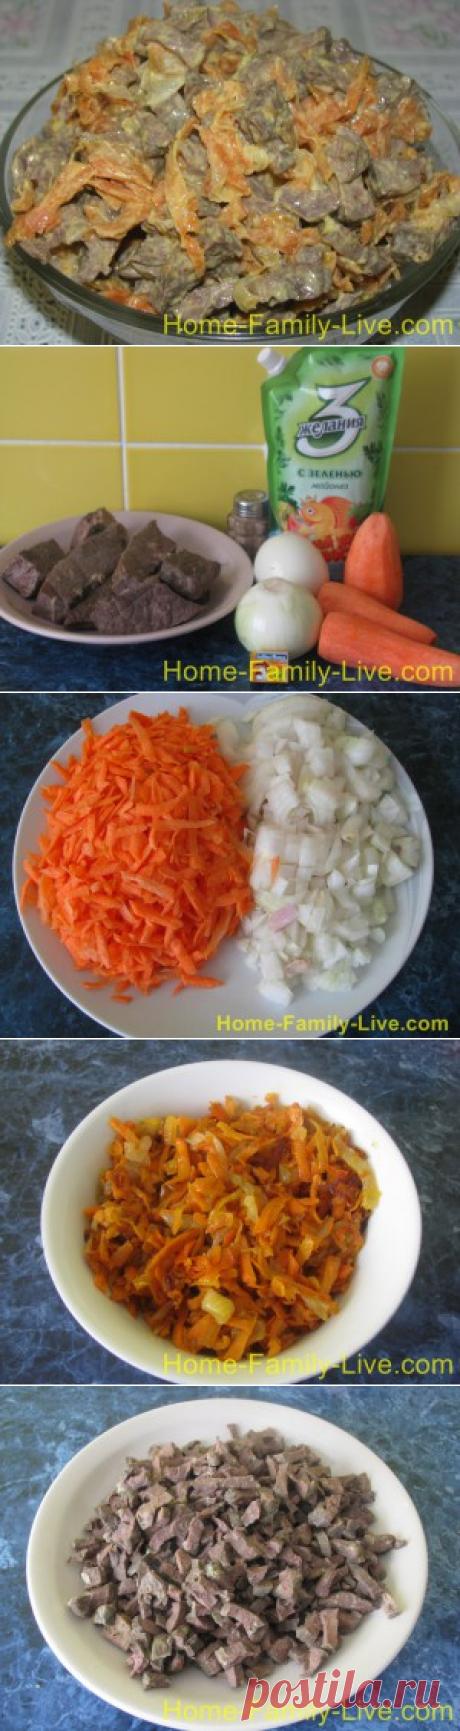 Салат из легкого - пошаговый фоторецепт салата из легкогоКулинарные рецепты